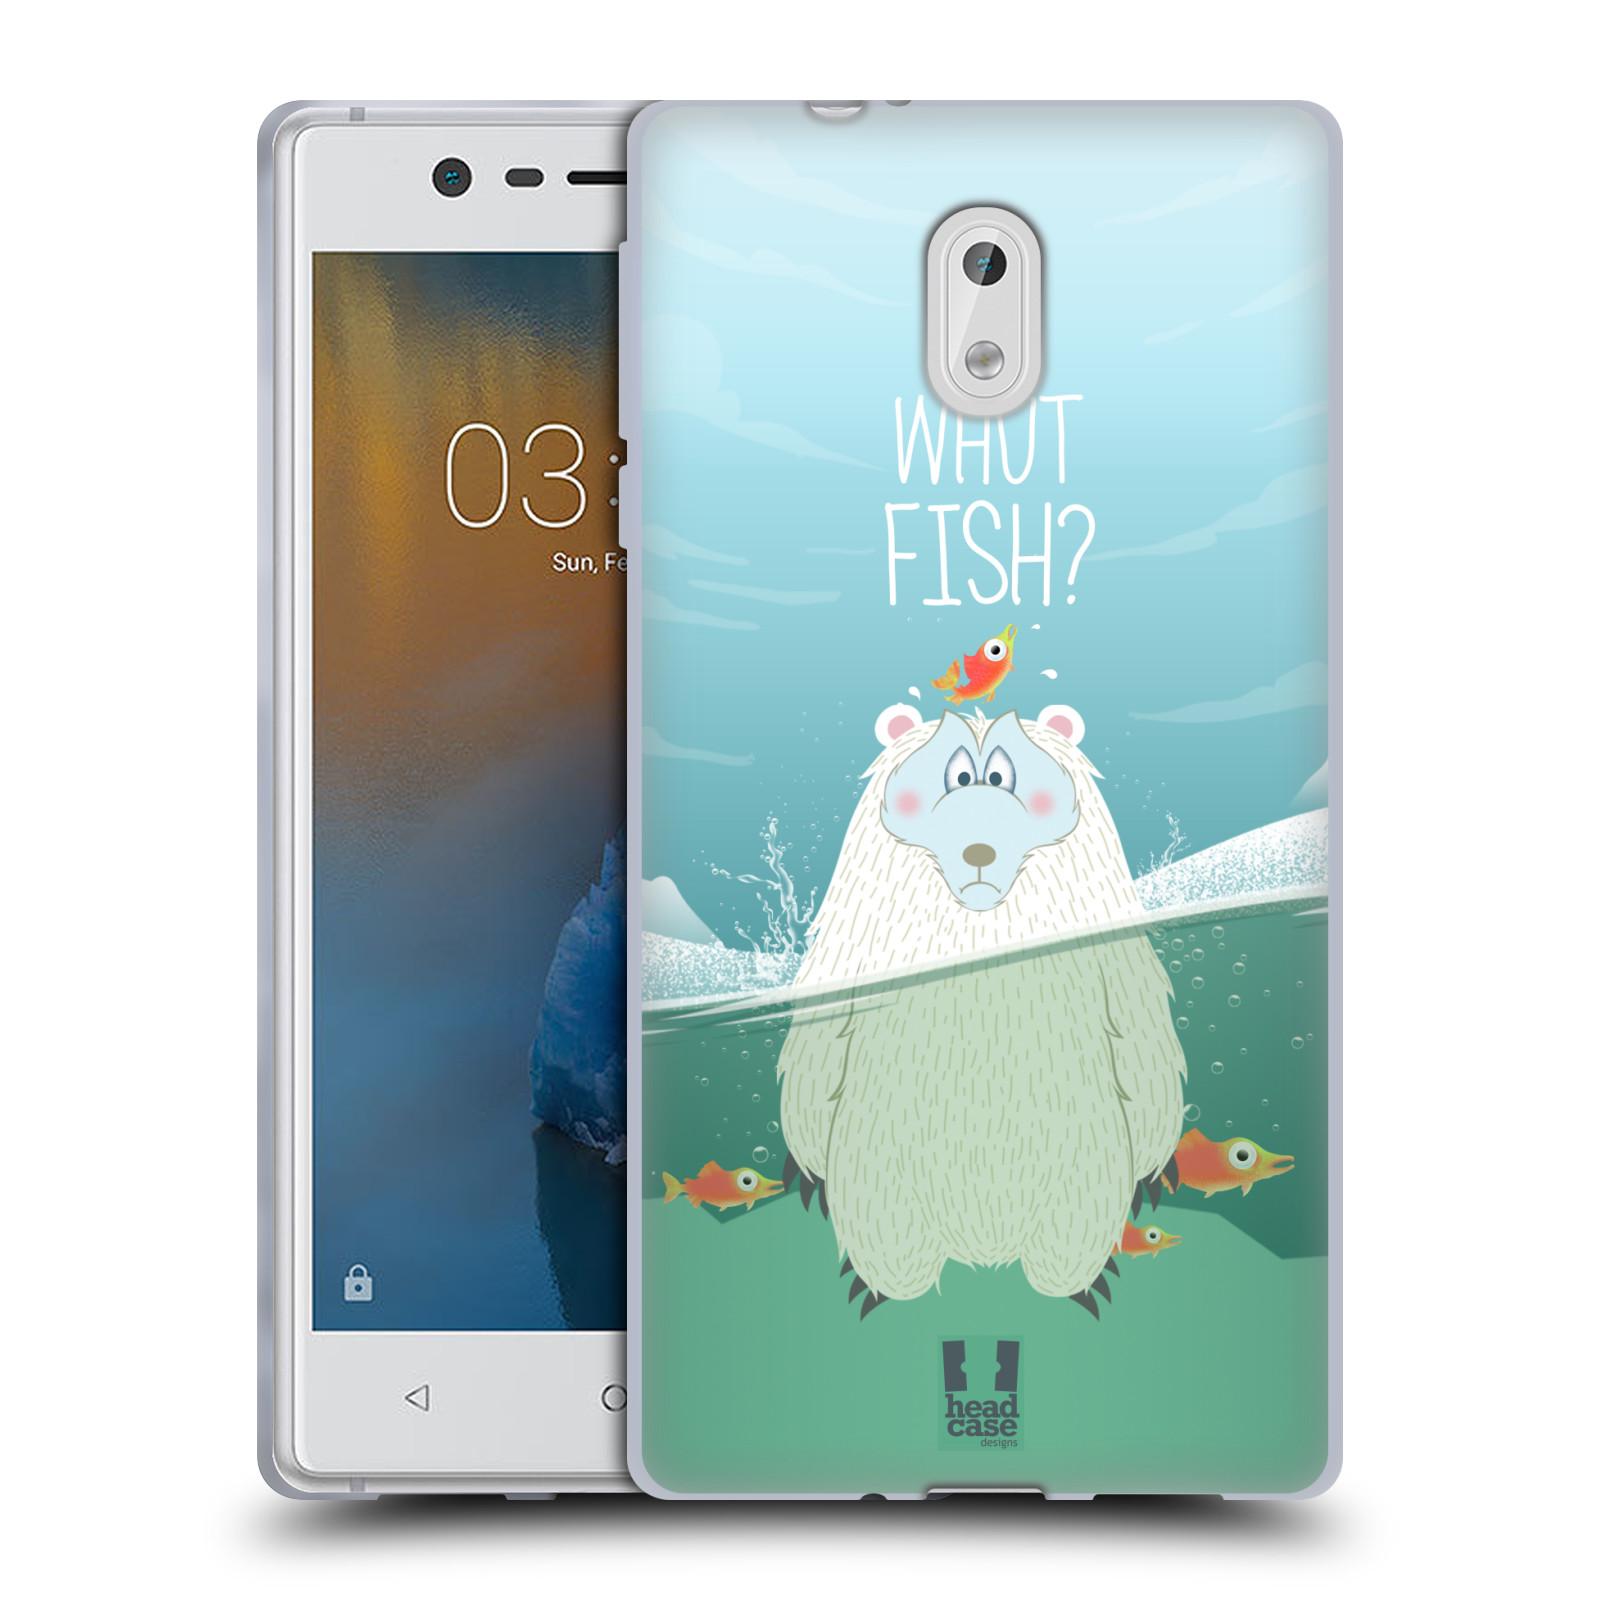 Silikonové pouzdro na mobil Nokia 3 Head Case - Medvěd Whut Fish?